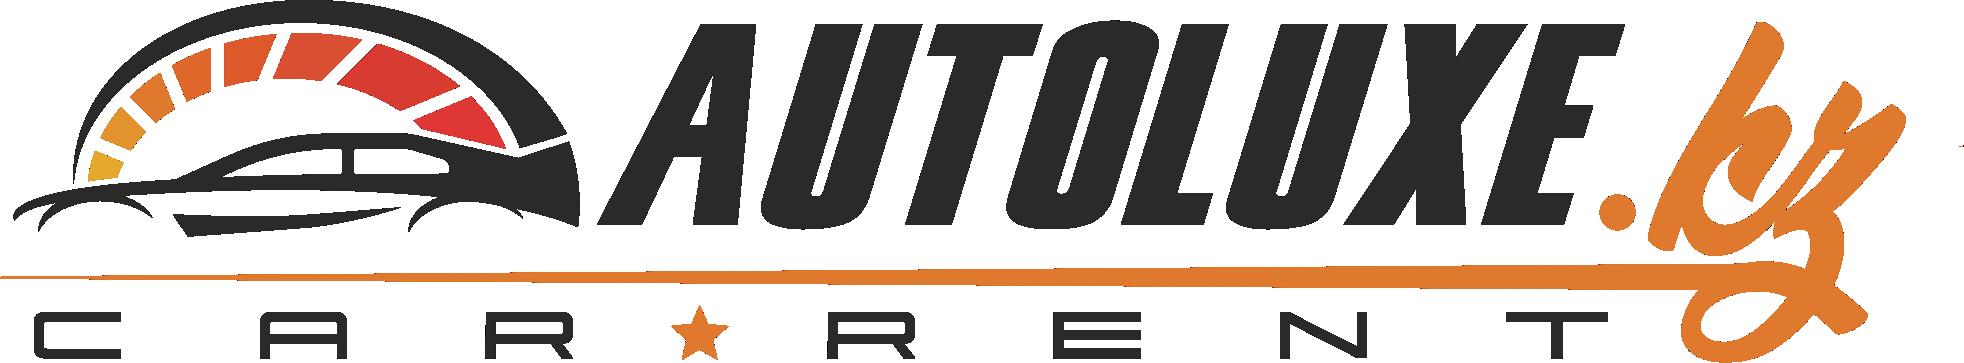 autoluxe.kz